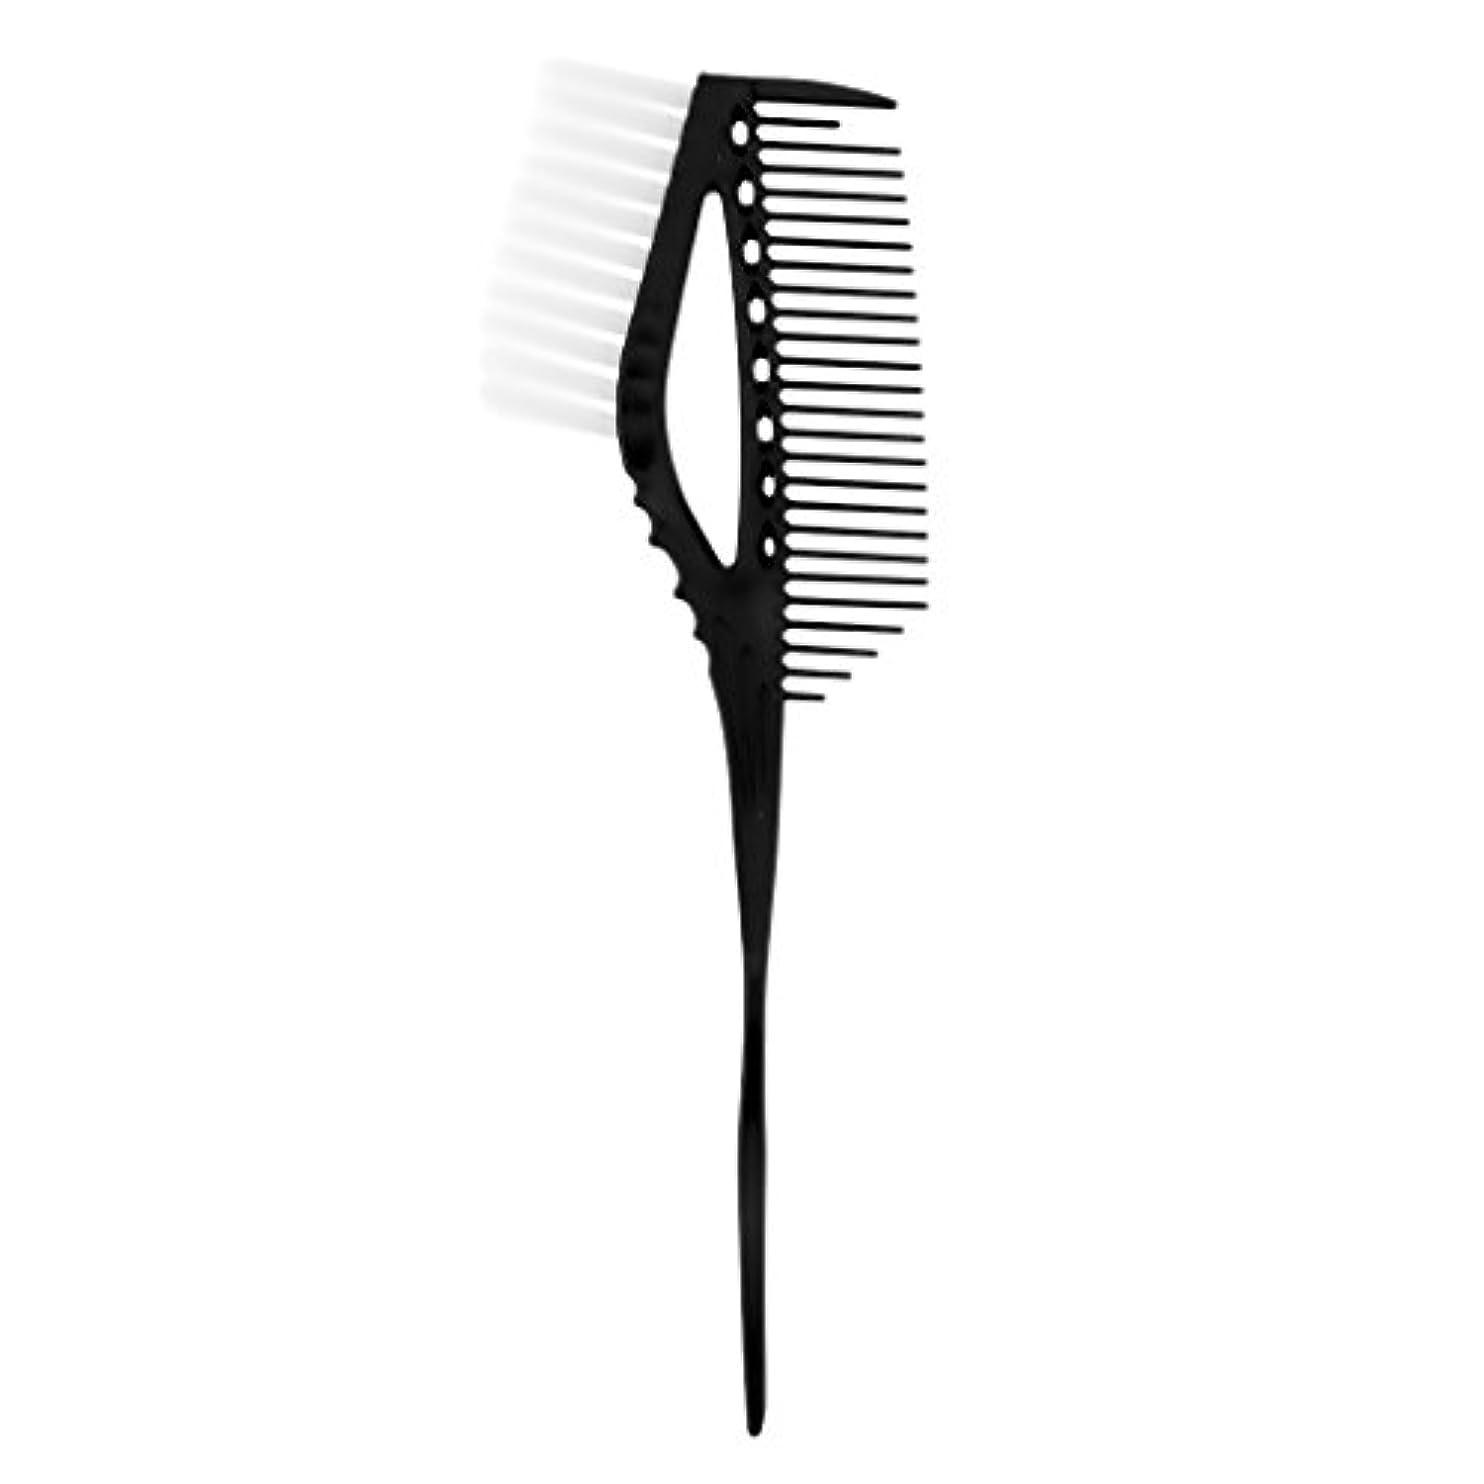 空フライカイト不規則性ハイライト櫛 ヘアコーム ヘアブラシ ヘアカラー 色合い 染めブラシ ミキシングブラシ 3色選べる - ブラック